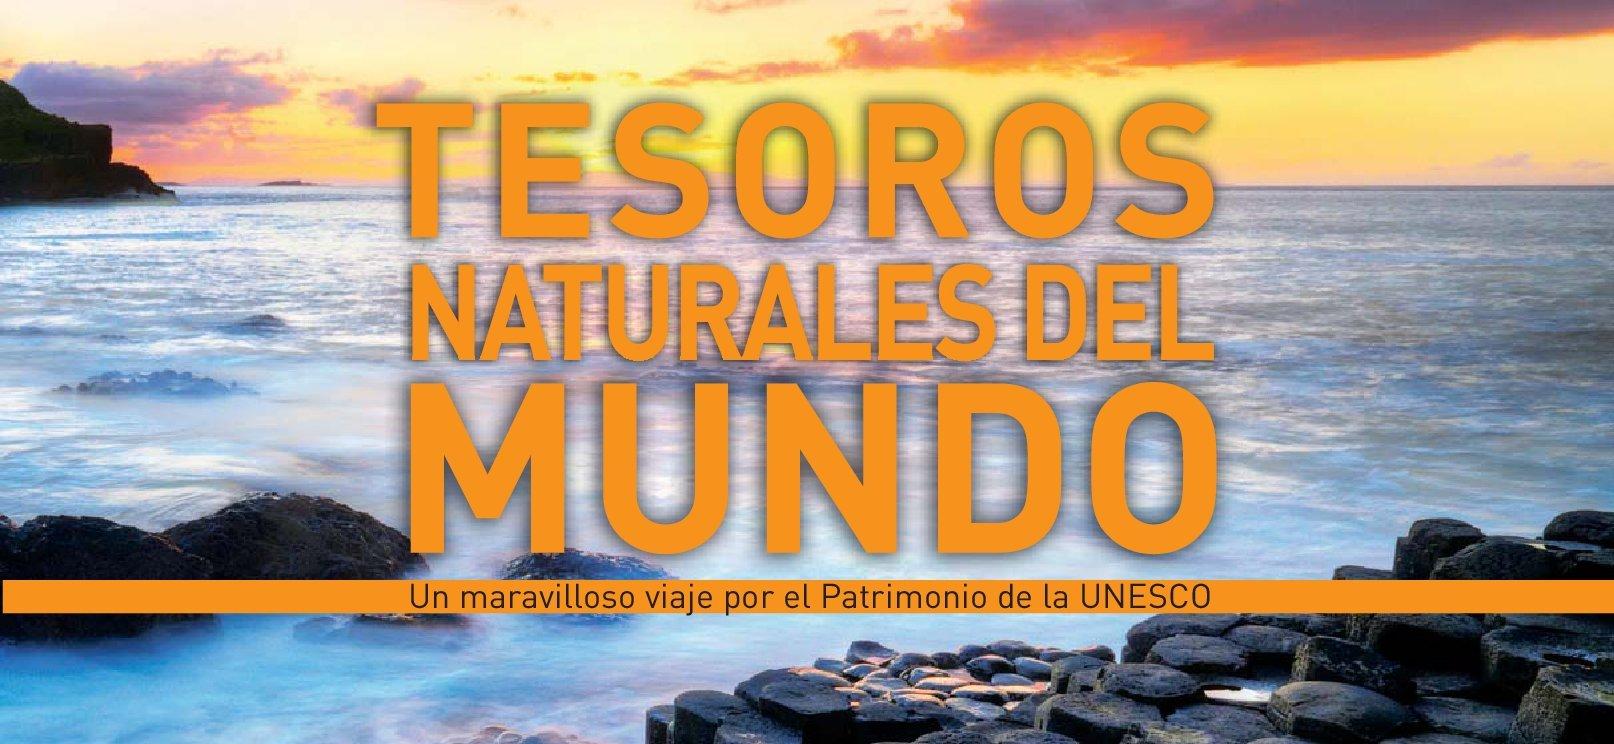 Tesoros Naturales del Mundo. Un maravilloso viaje por el Patrimonio de la UNESCO